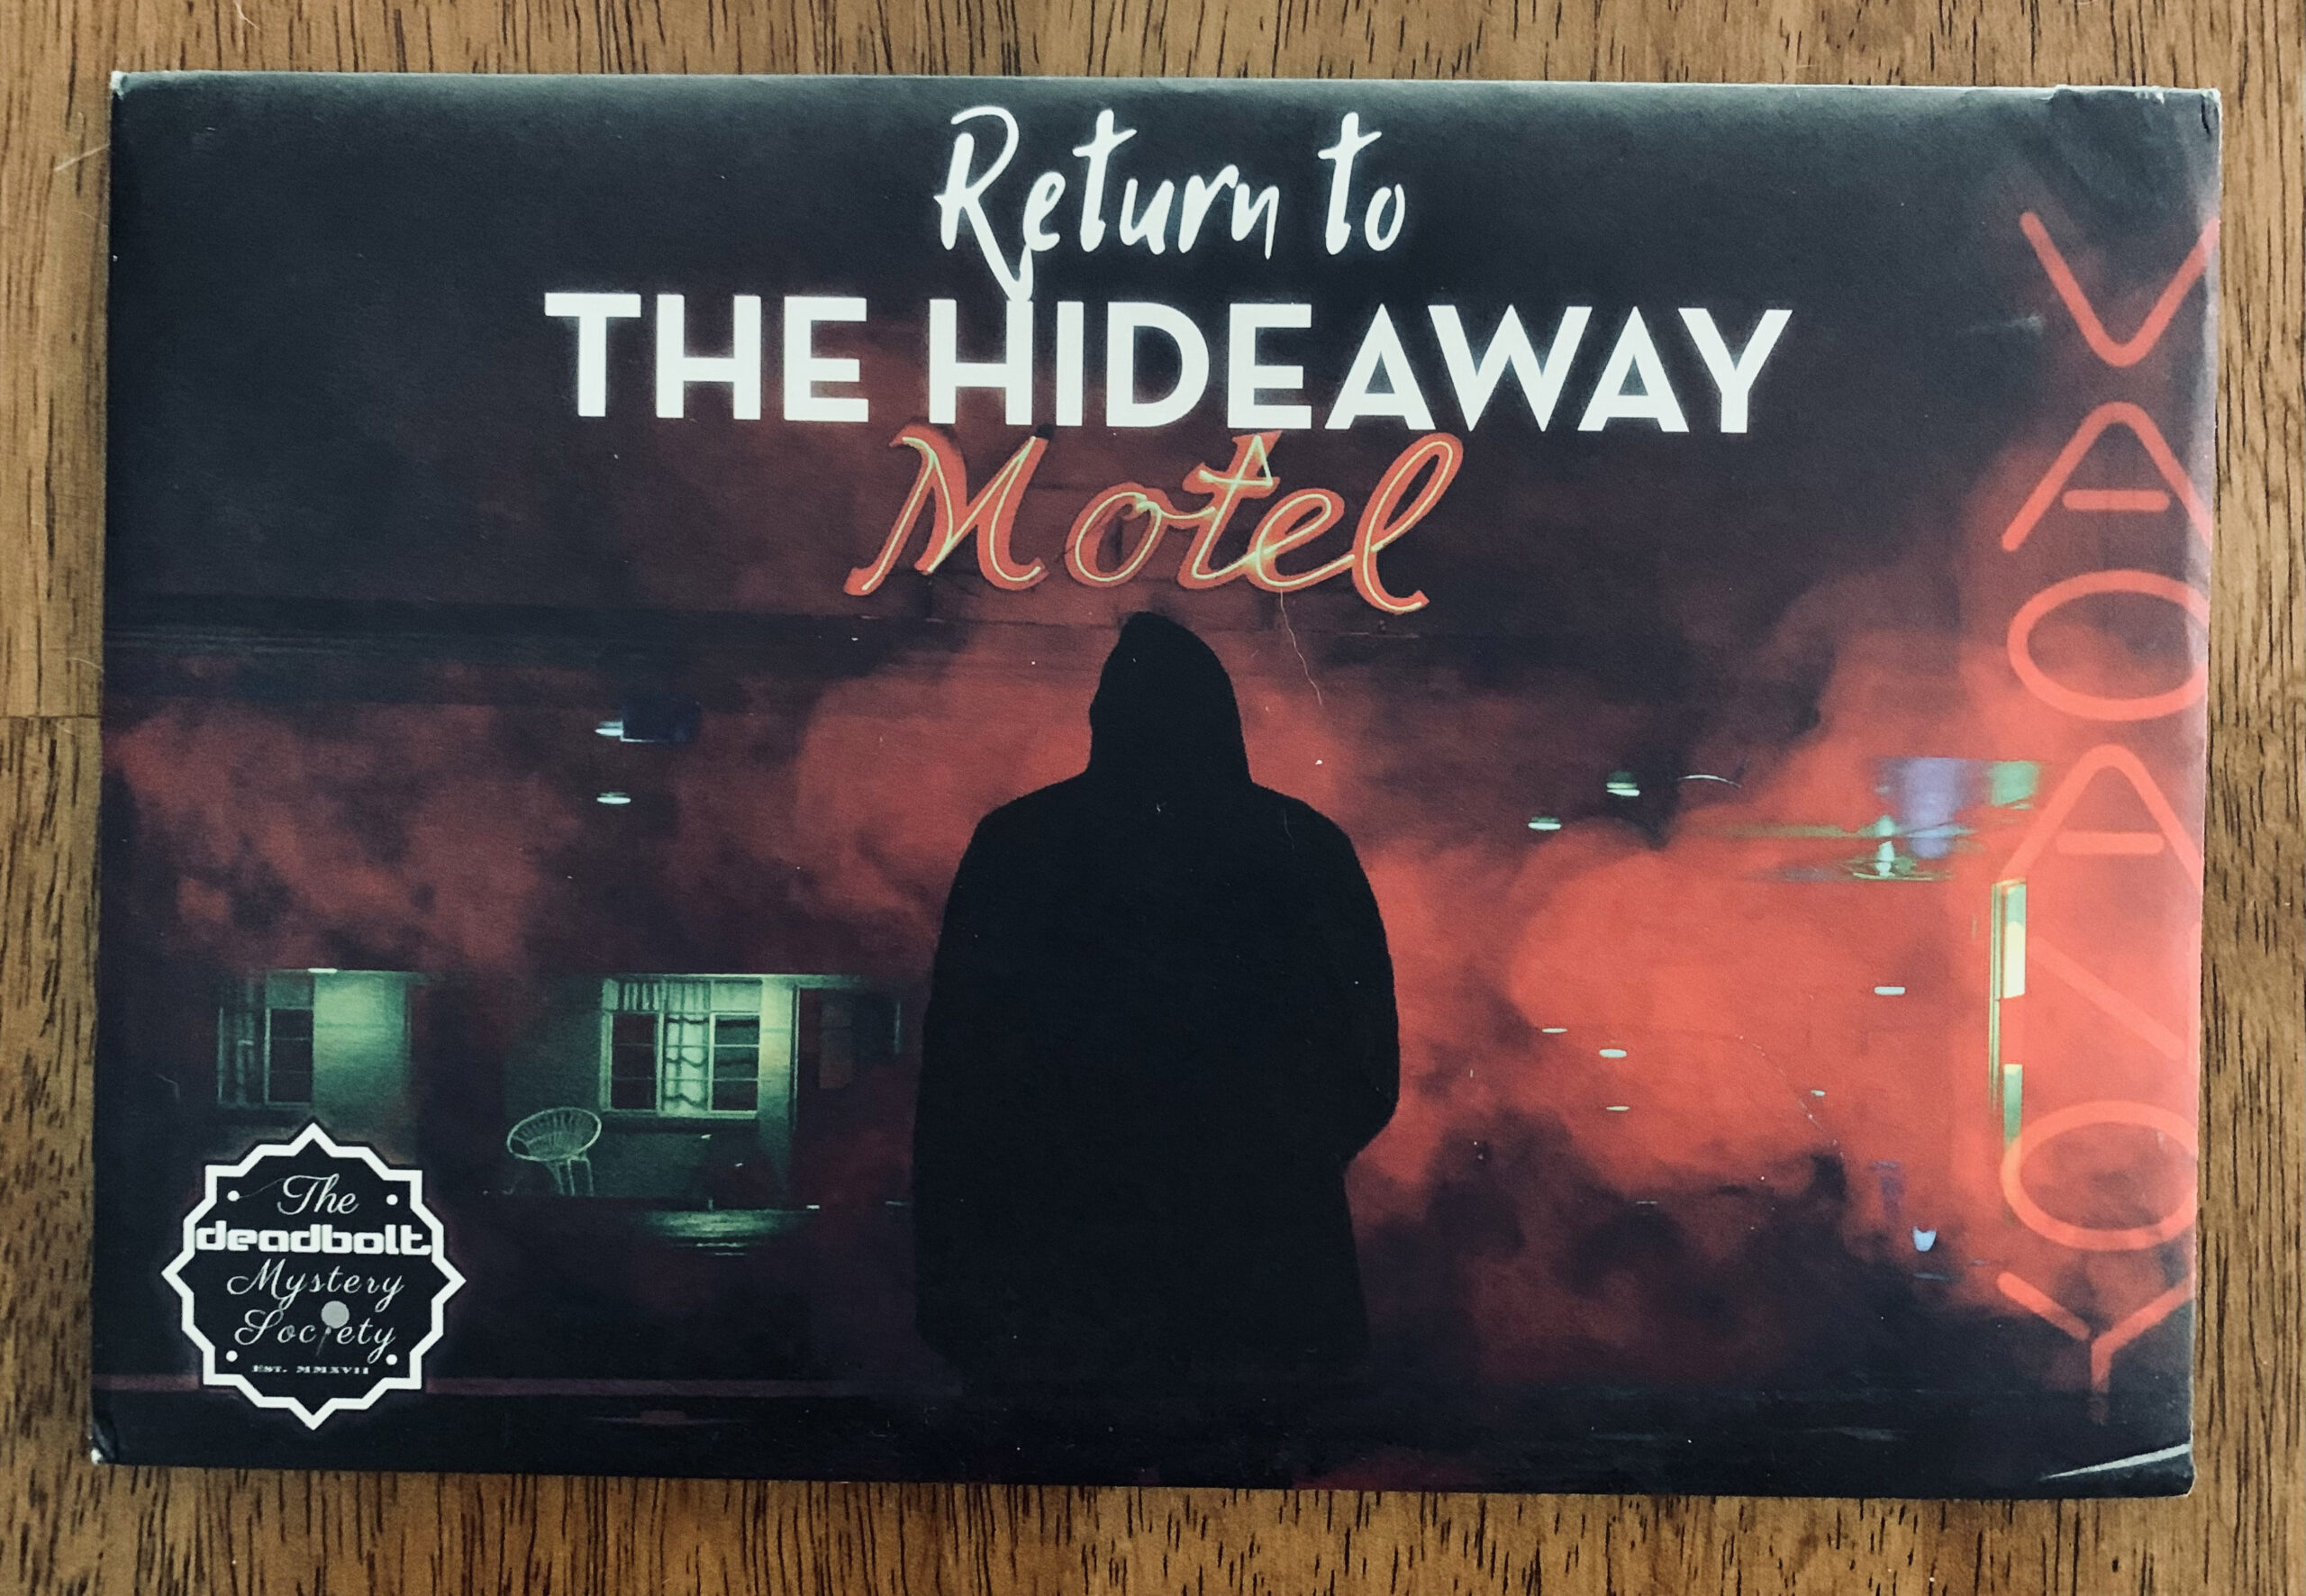 Return to Hideaway Motel